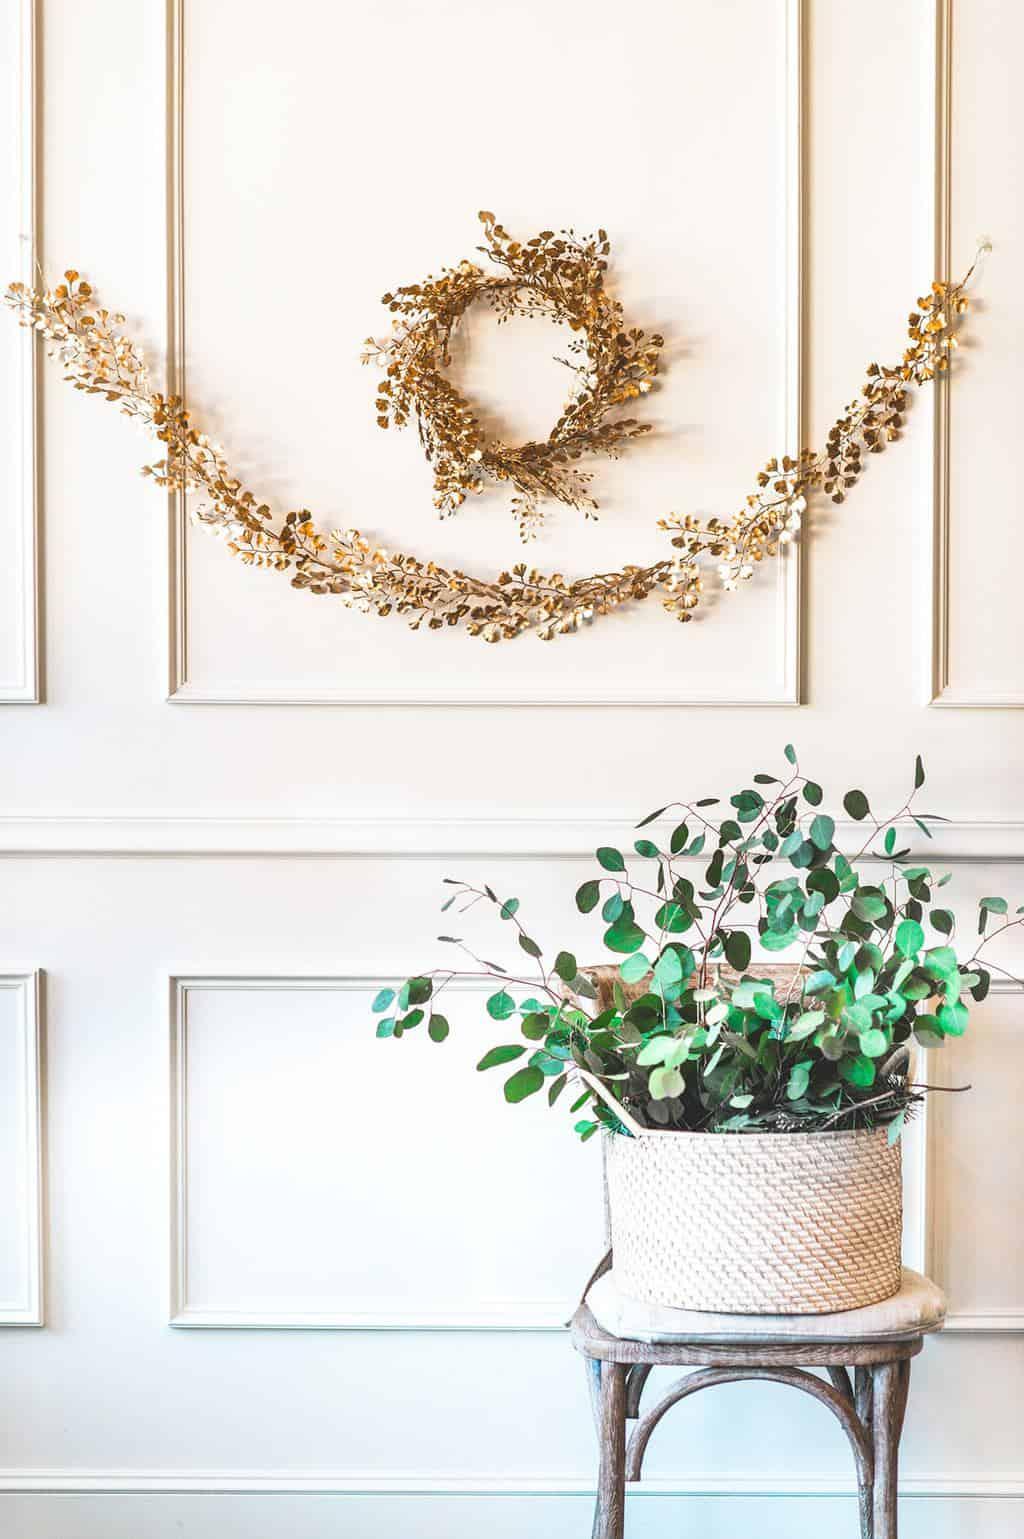 DIY Golden Wreath & Garland | Sugar & Cloth | DIY & Lifestyle